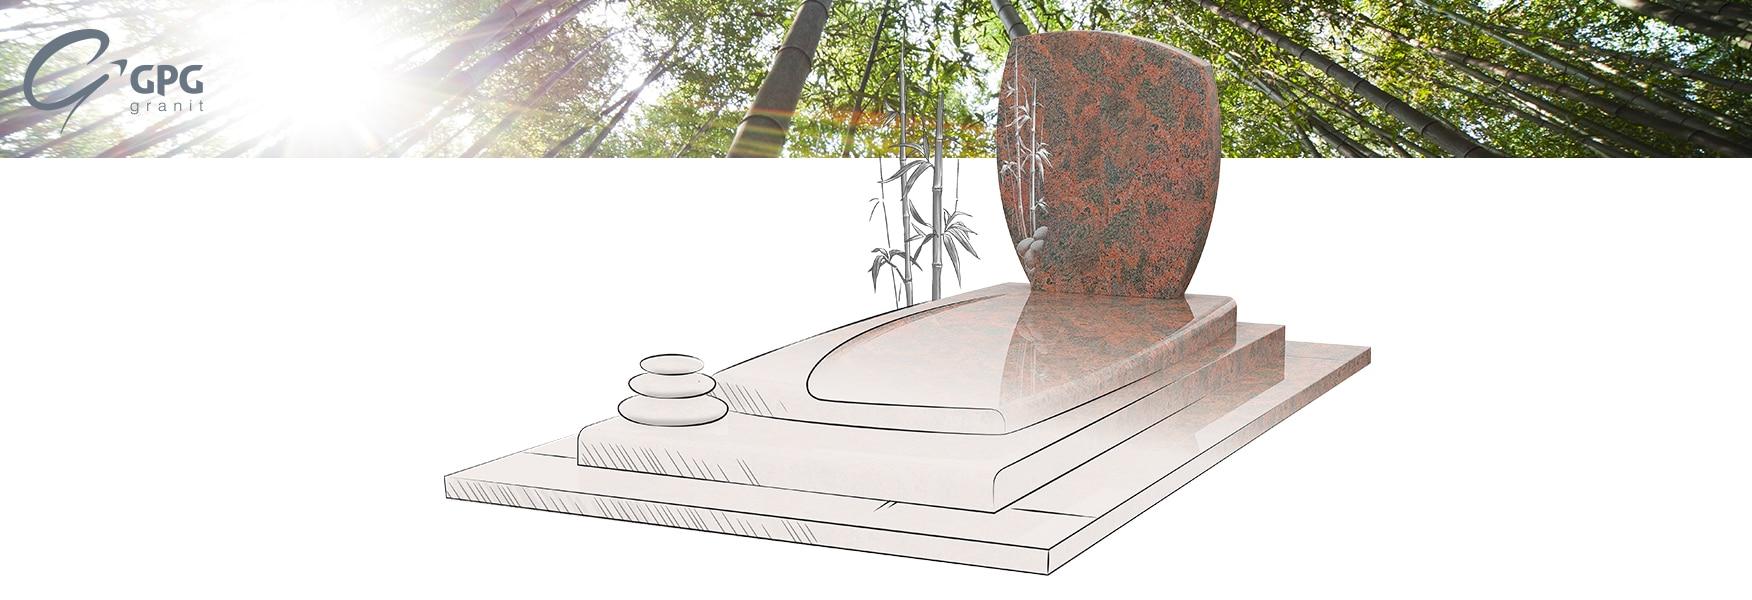 Monument funéraire GPG 263, une sépulture personnalisable